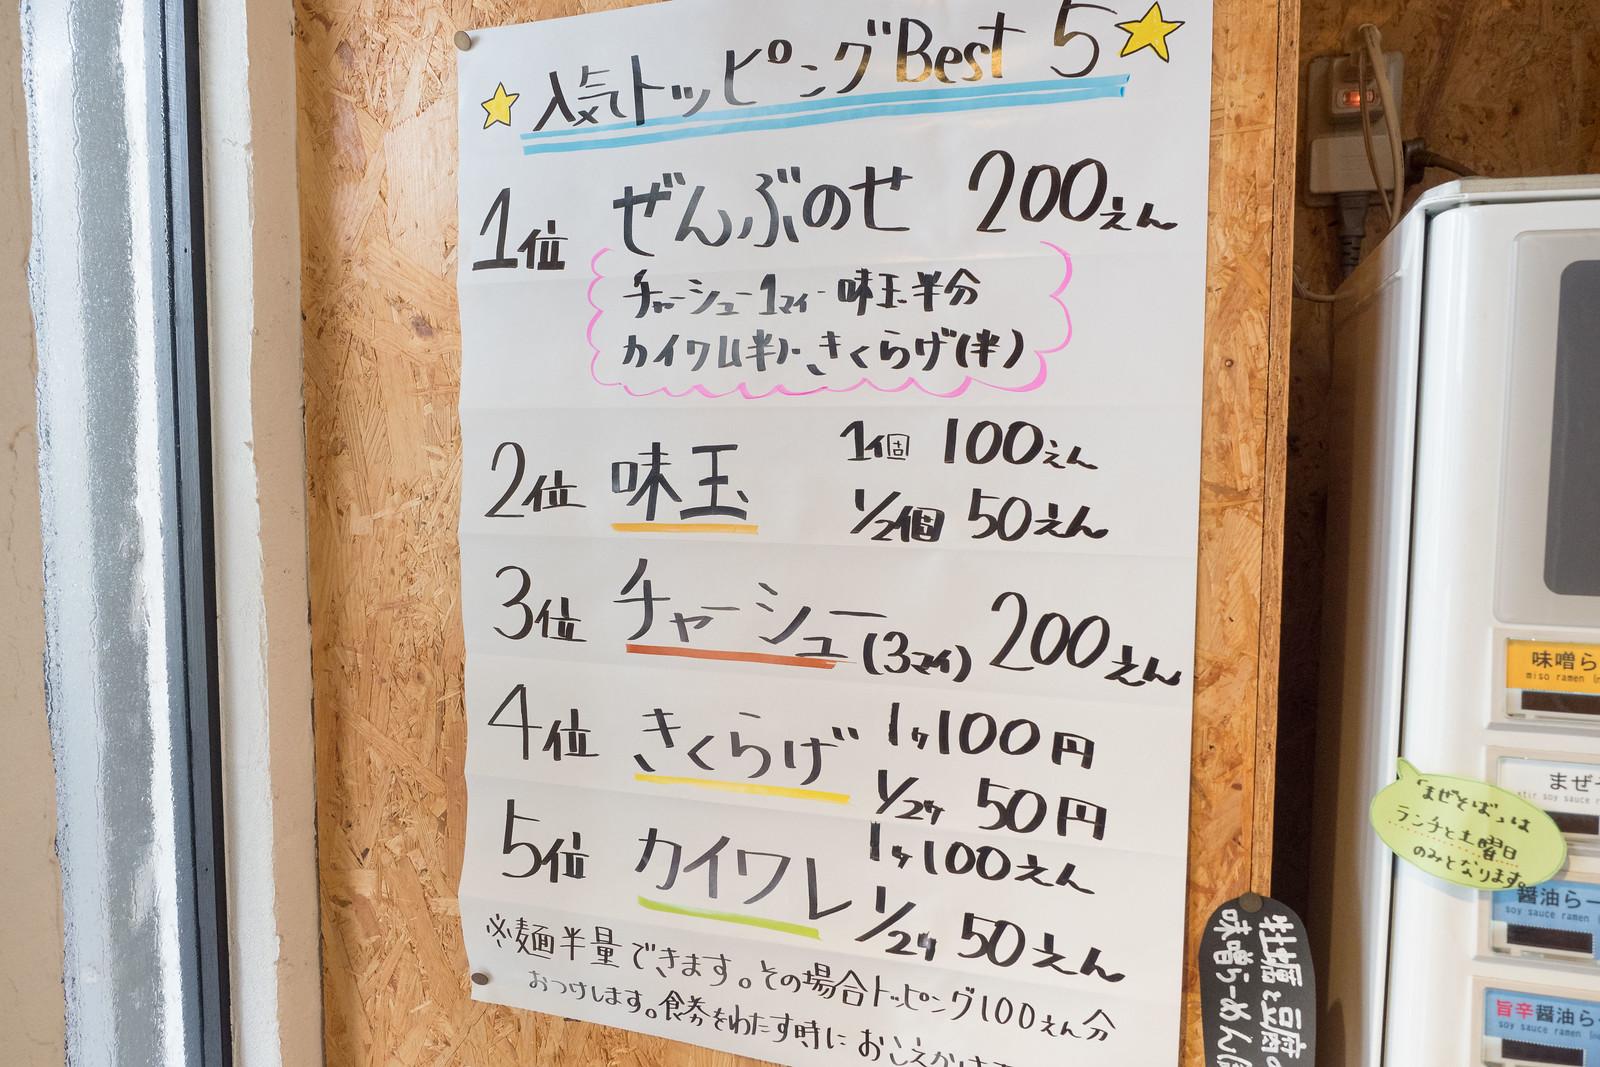 Nara_harutomo_ramen-11